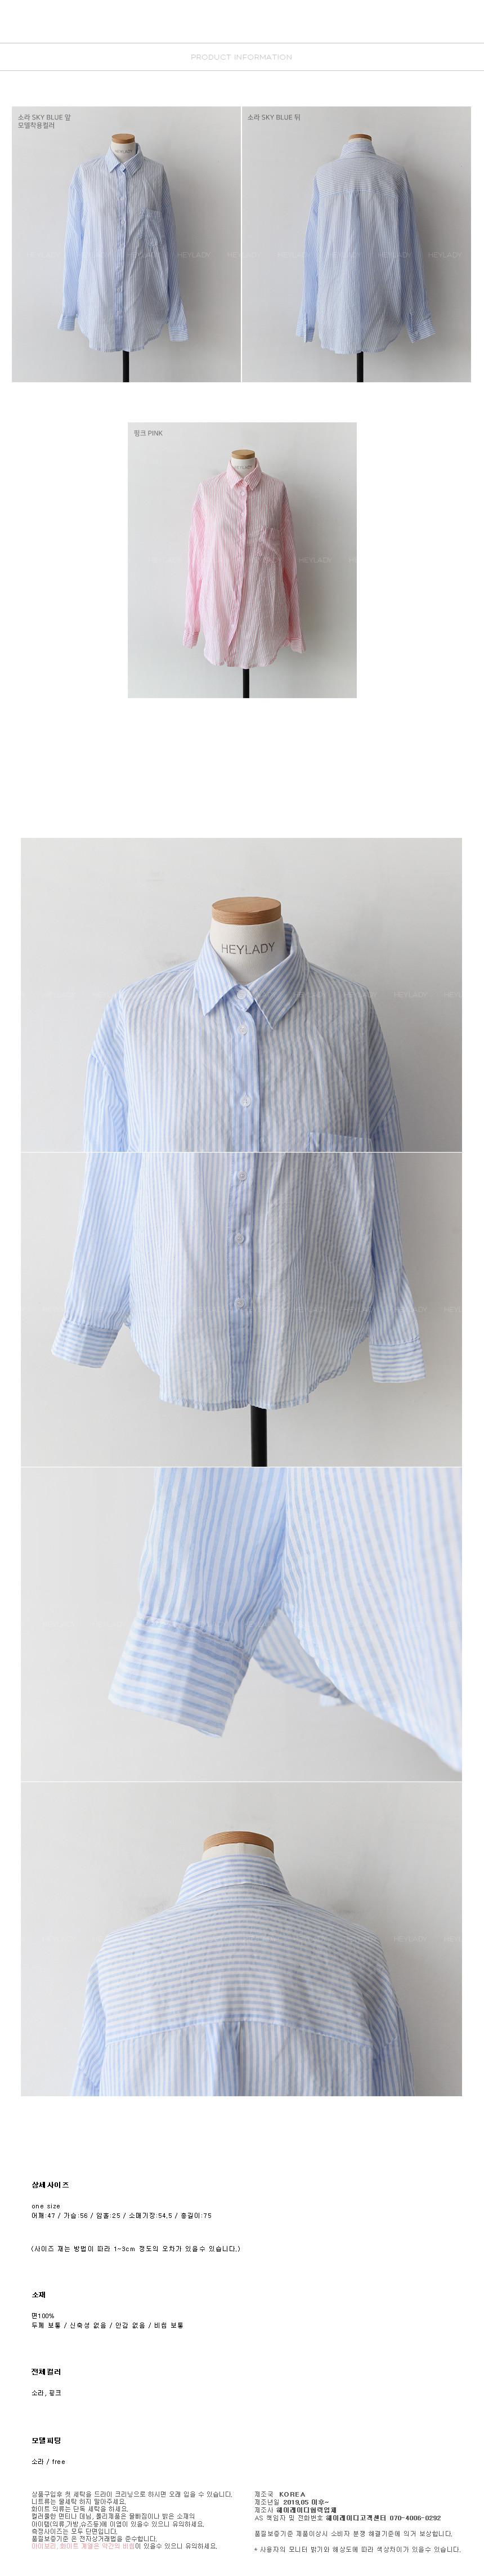 Derren striped cotton shirt